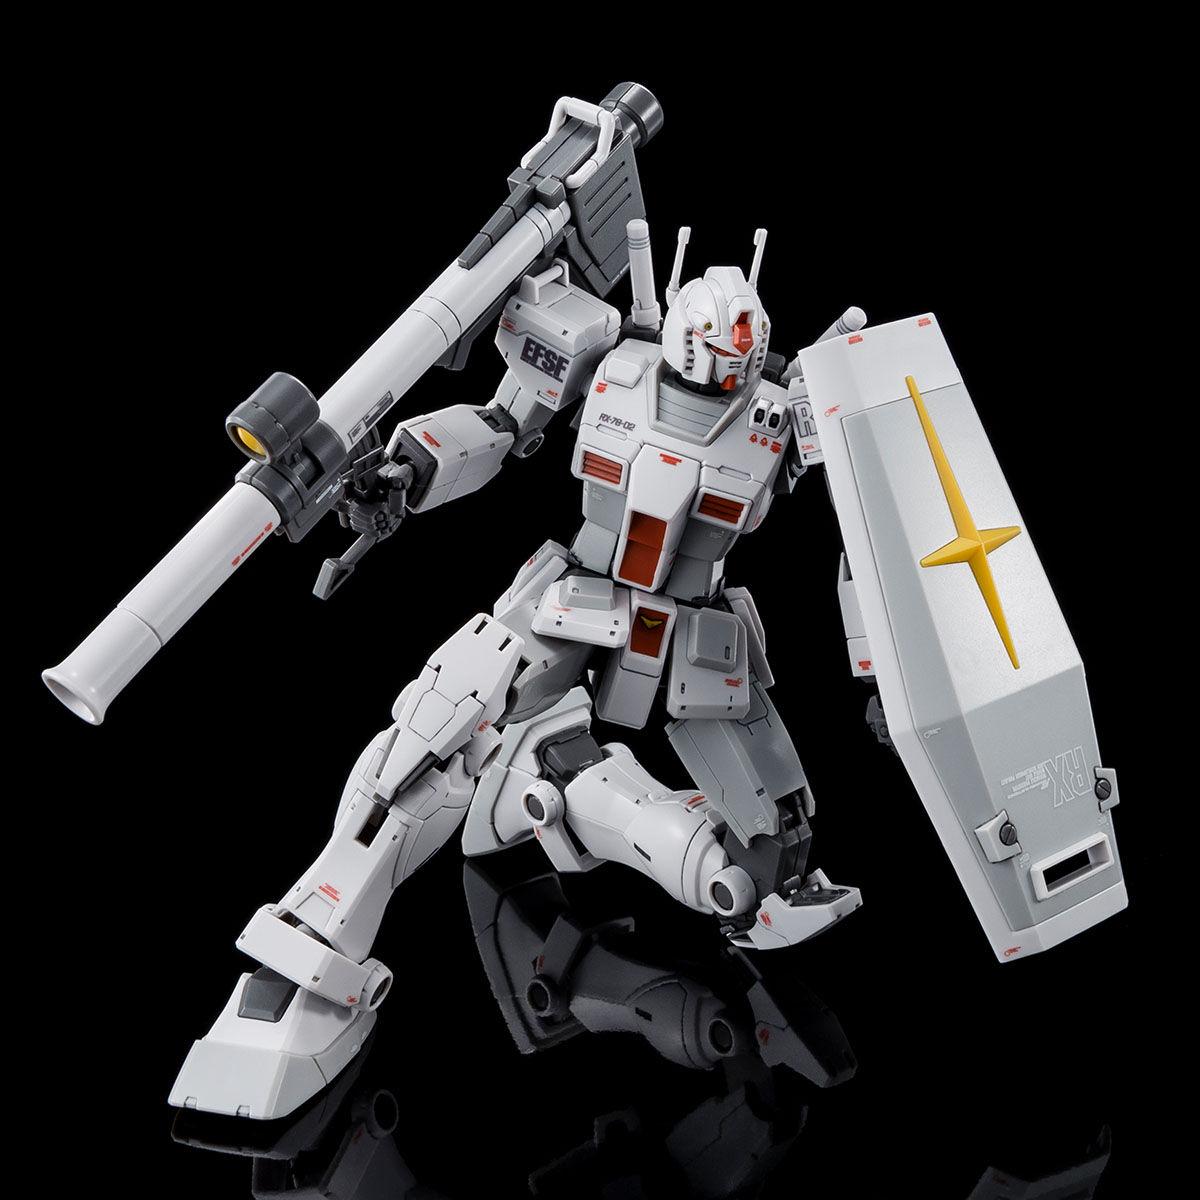 【限定販売】【2次】HG 1/144『RX-78-02 ガンダム ロールアウトカラー(GUNDAM THE ORIGIN版)』プラモデル-004